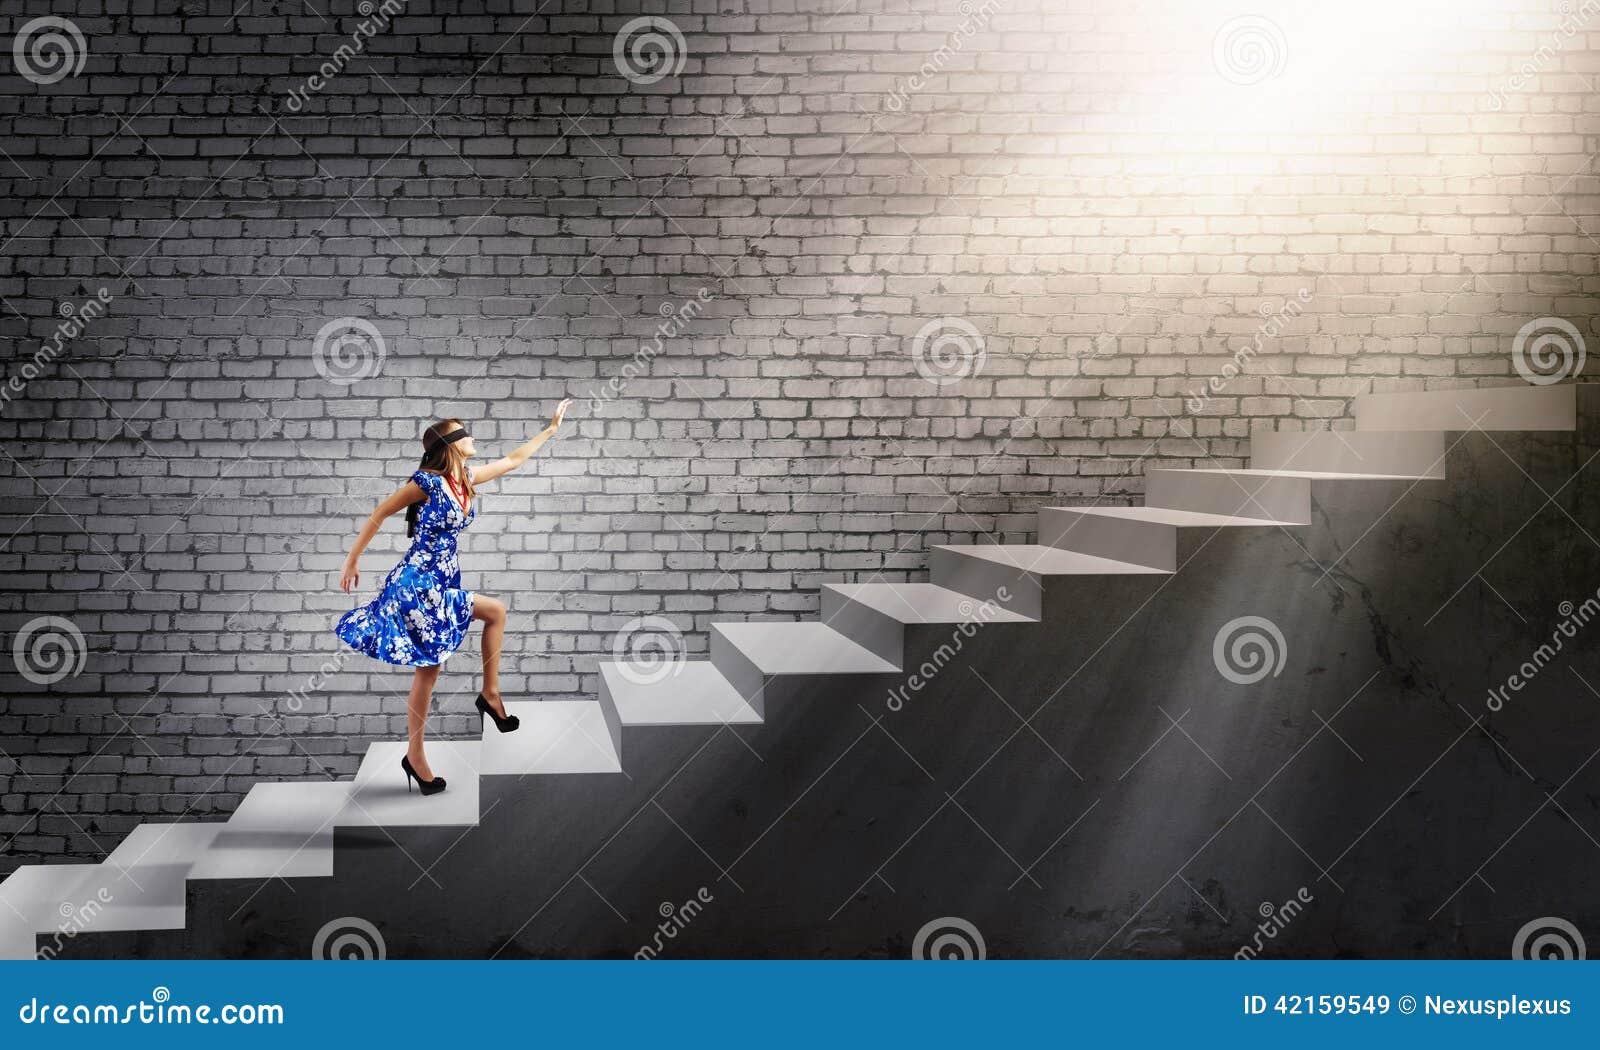 С завязанными глазами на лестнице 8 фотография